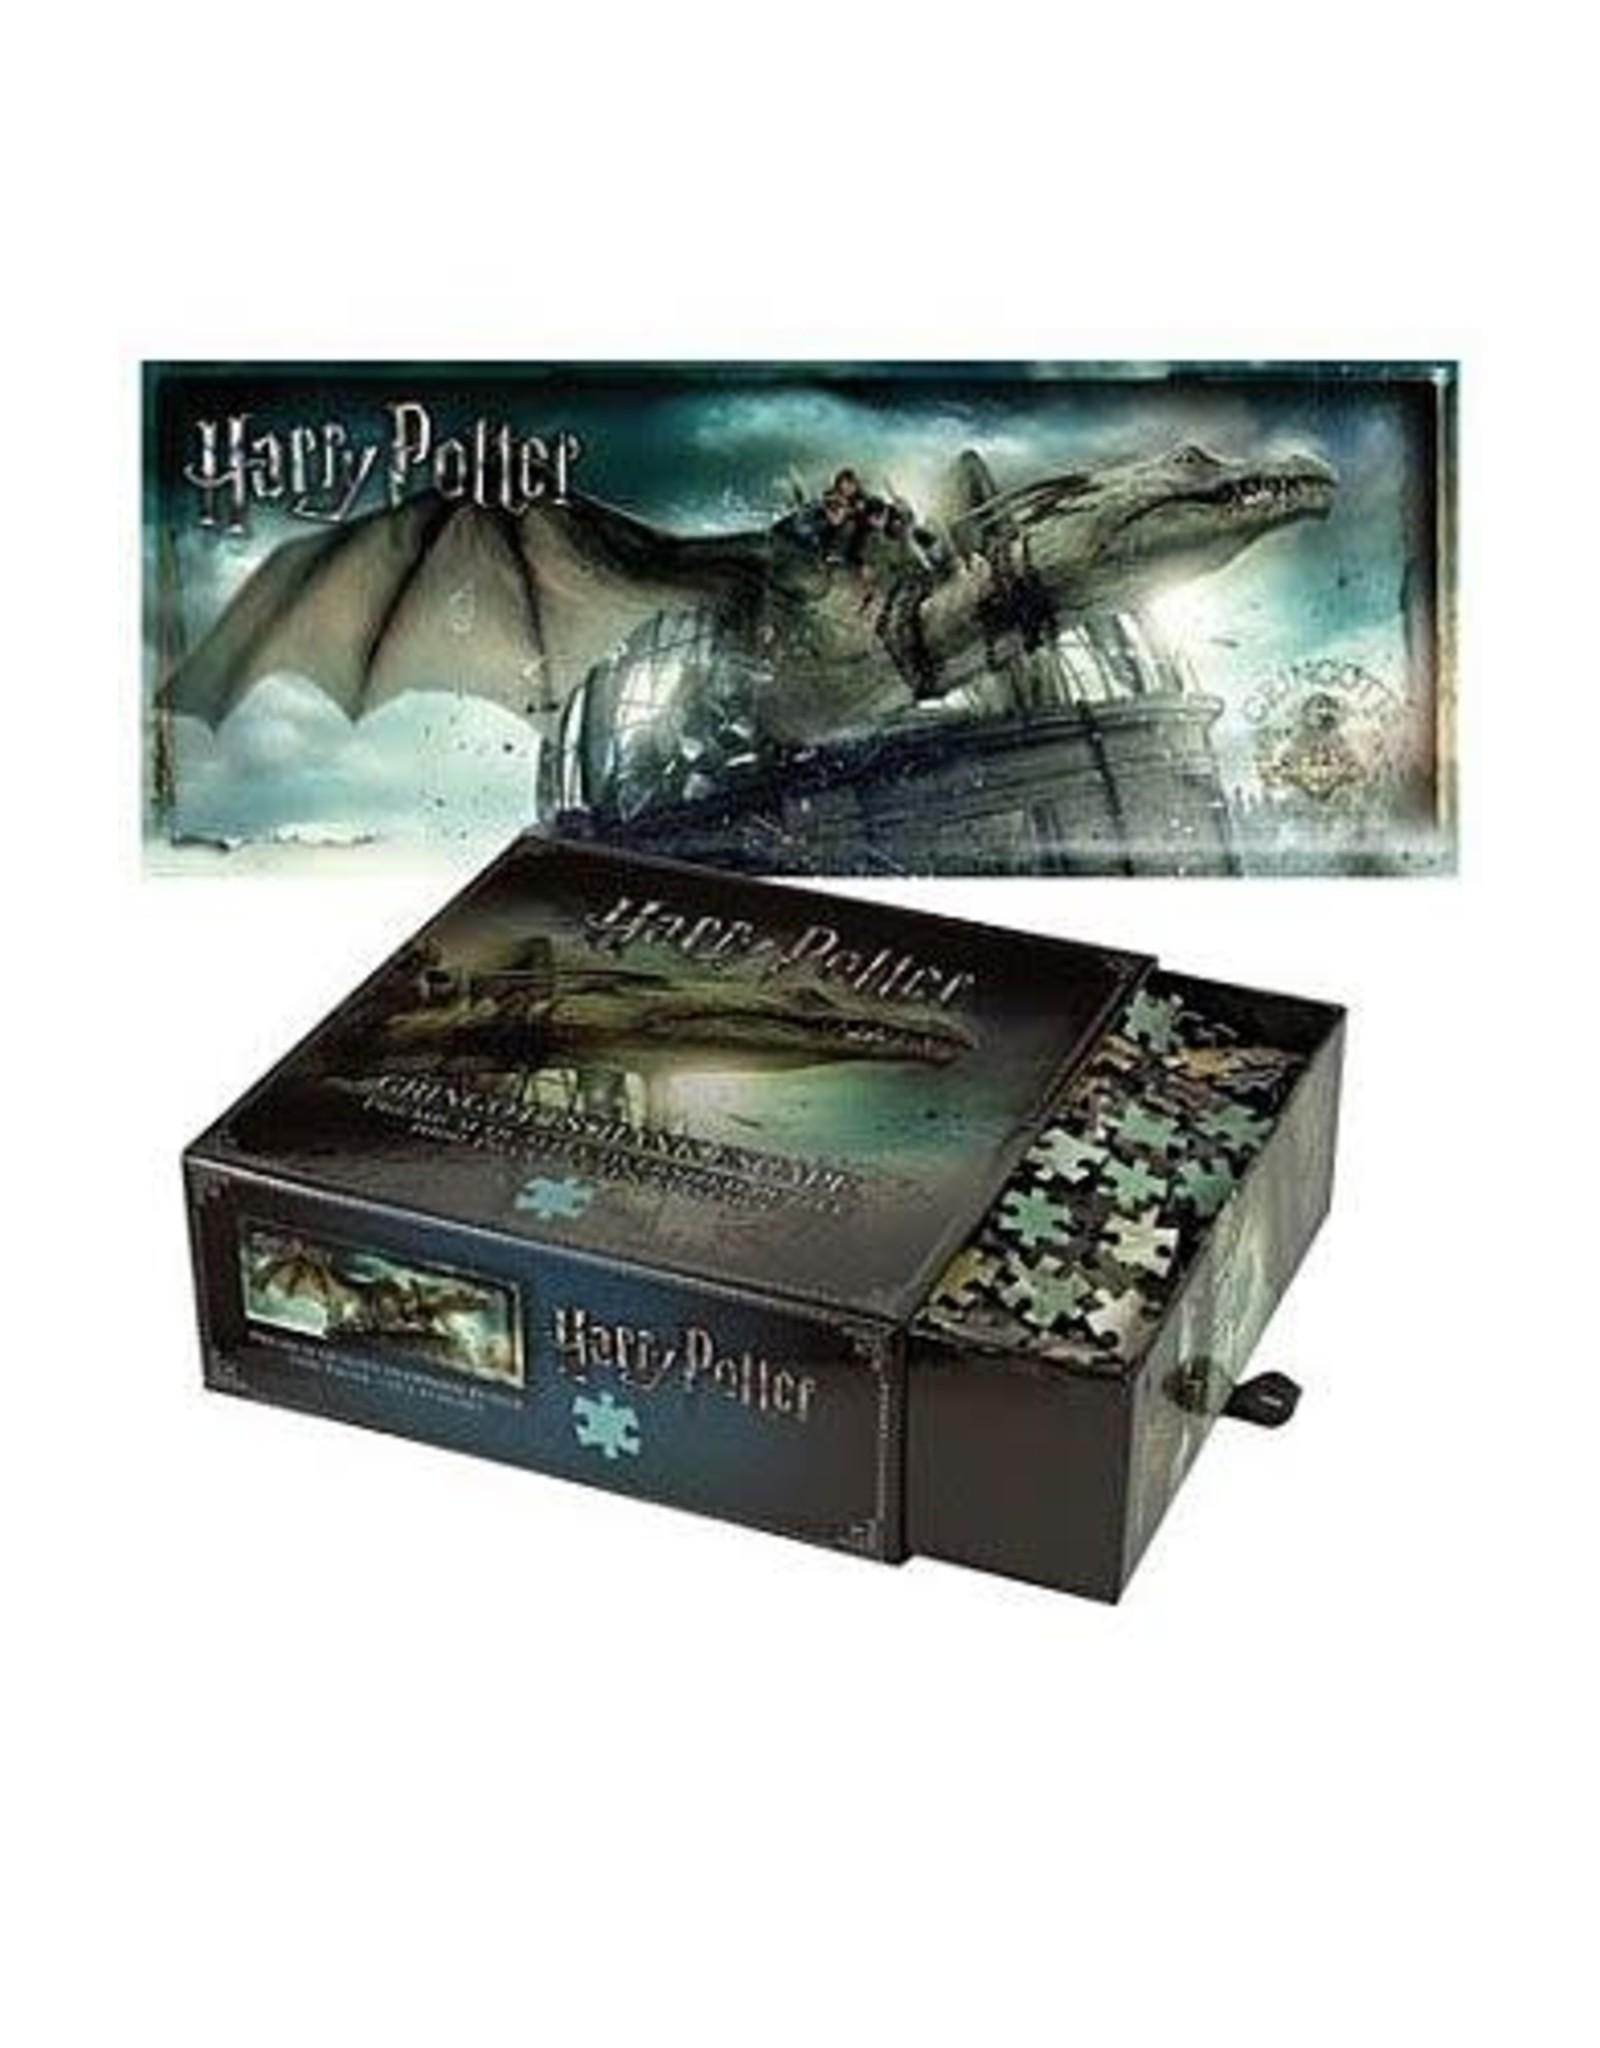 Noble Collection HARRY POTTER Puzzle 1000P - Gringotts Bank Escape